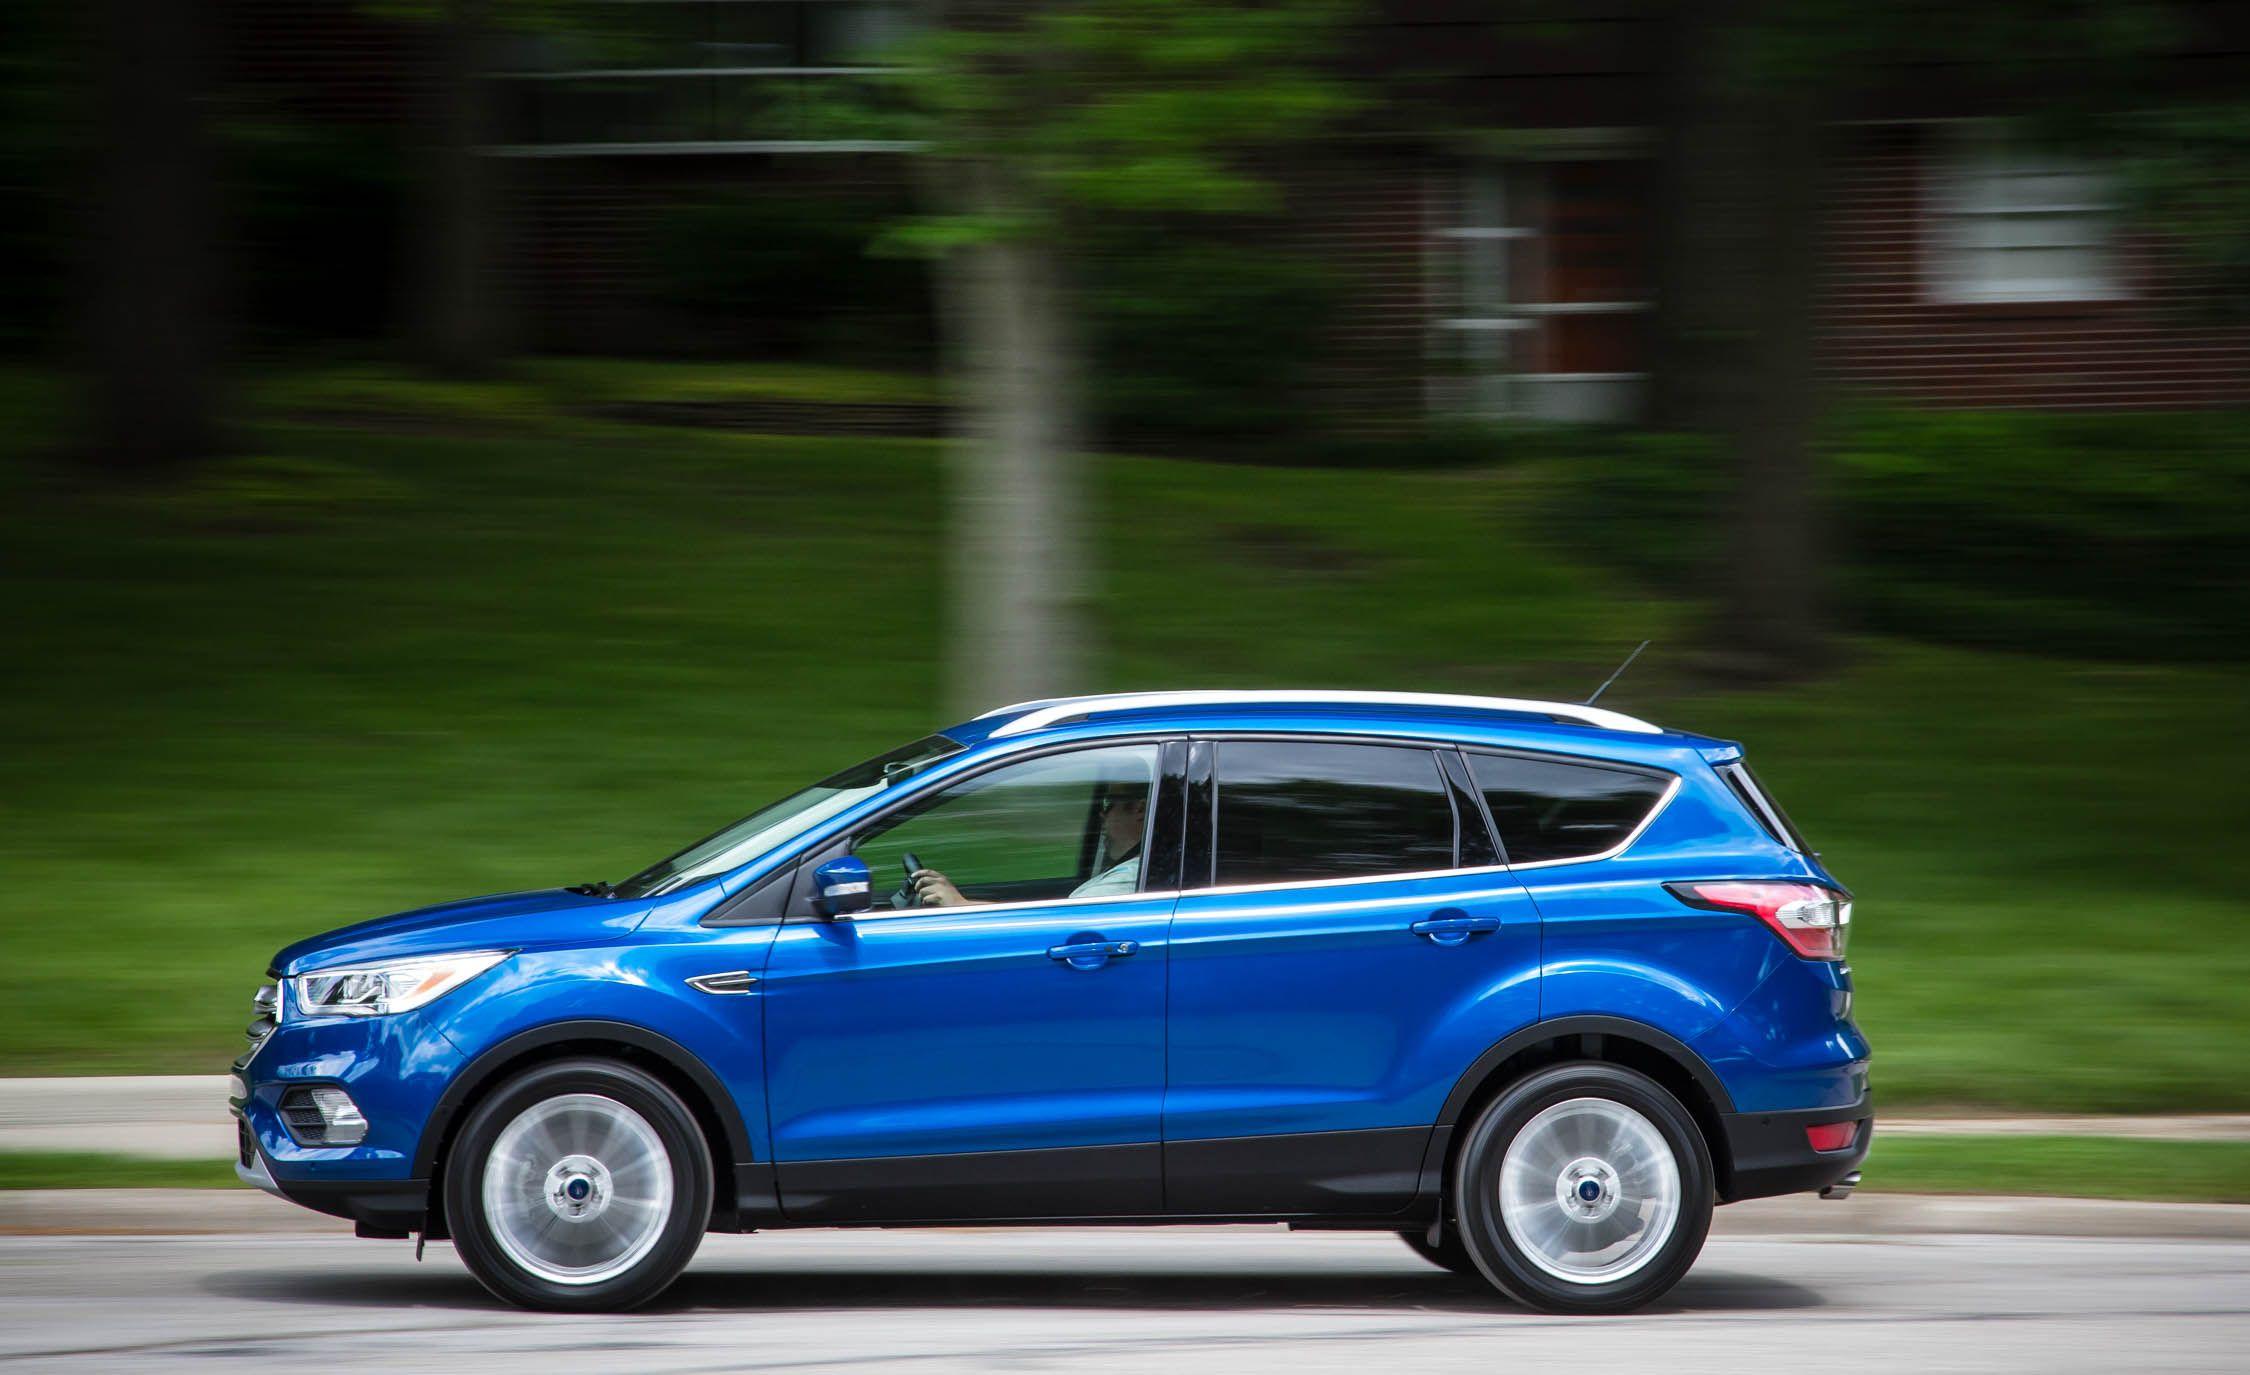 2017 Ford Escape Interior Dimensions Review Home Decor